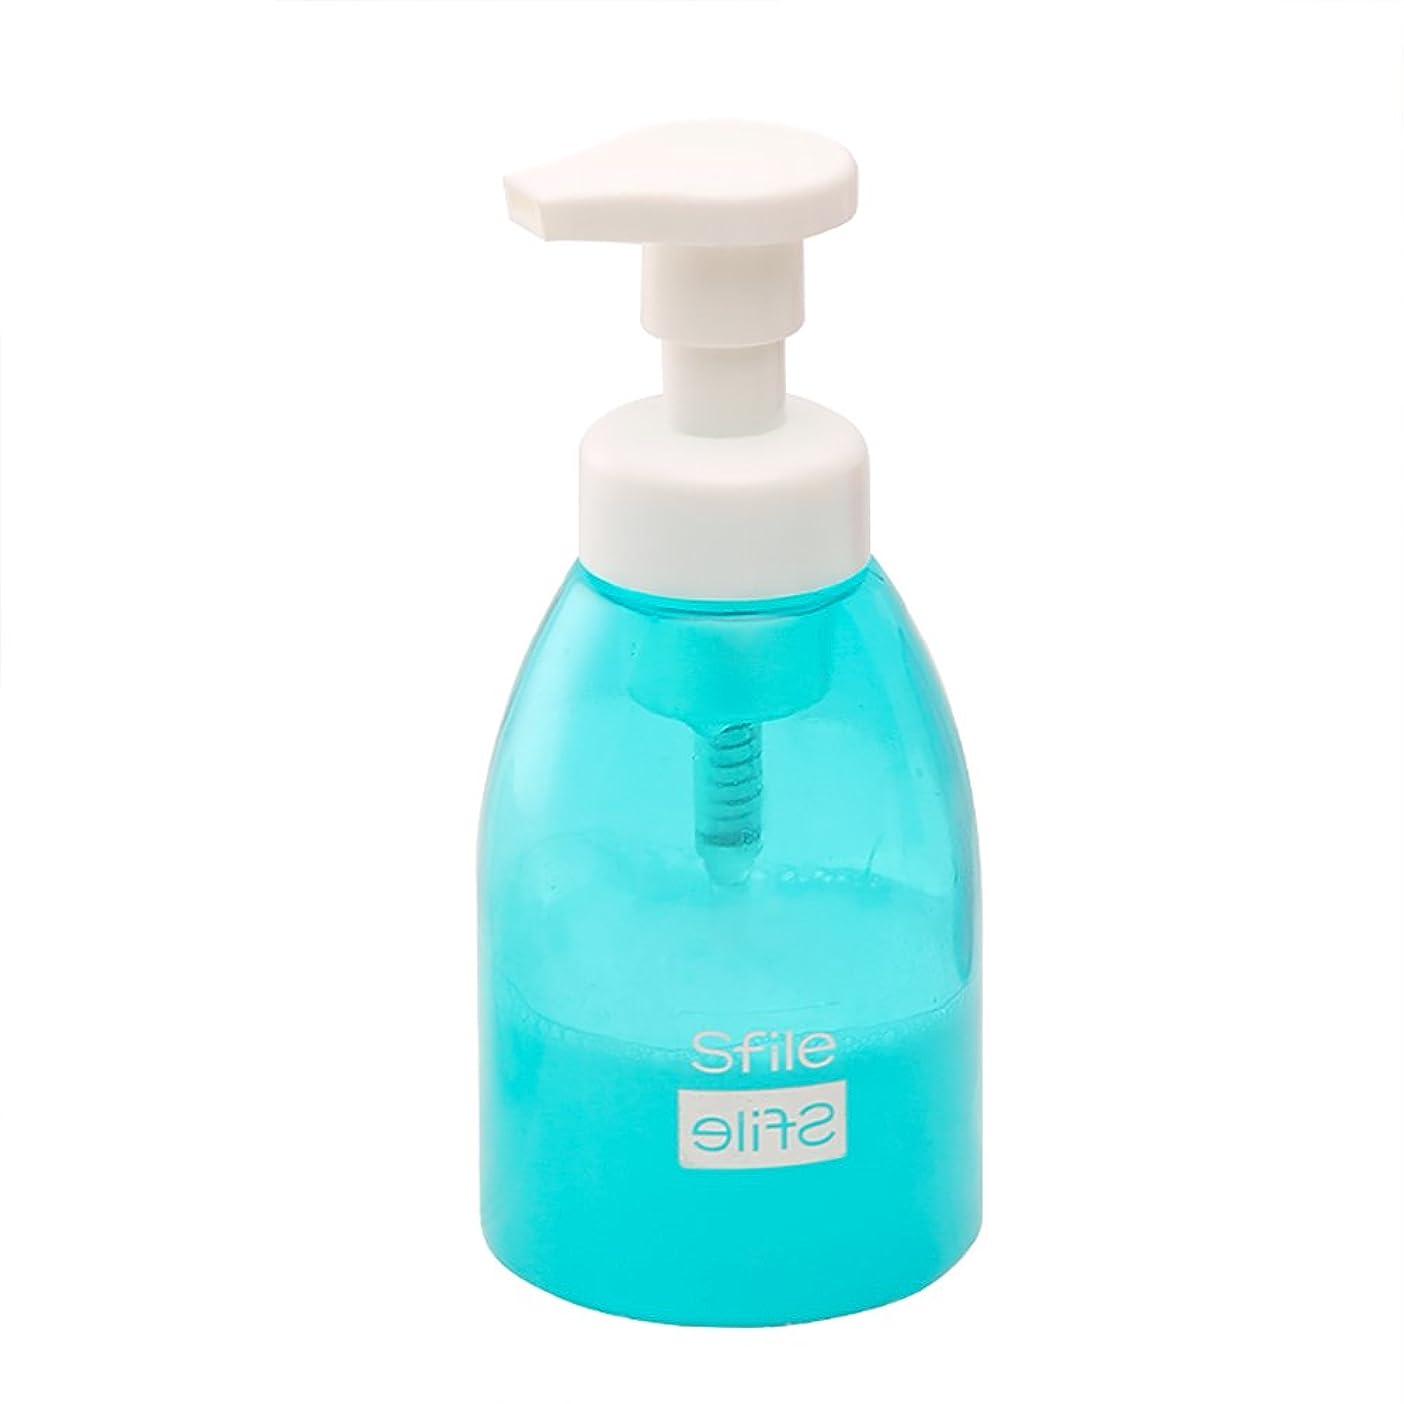 置くためにパック結果として磨かれた泡立てボトル/ビン/コップ 洗顔用 泡立て器 洗顔フォーム 洗顔ネット 2色 (ブルー)